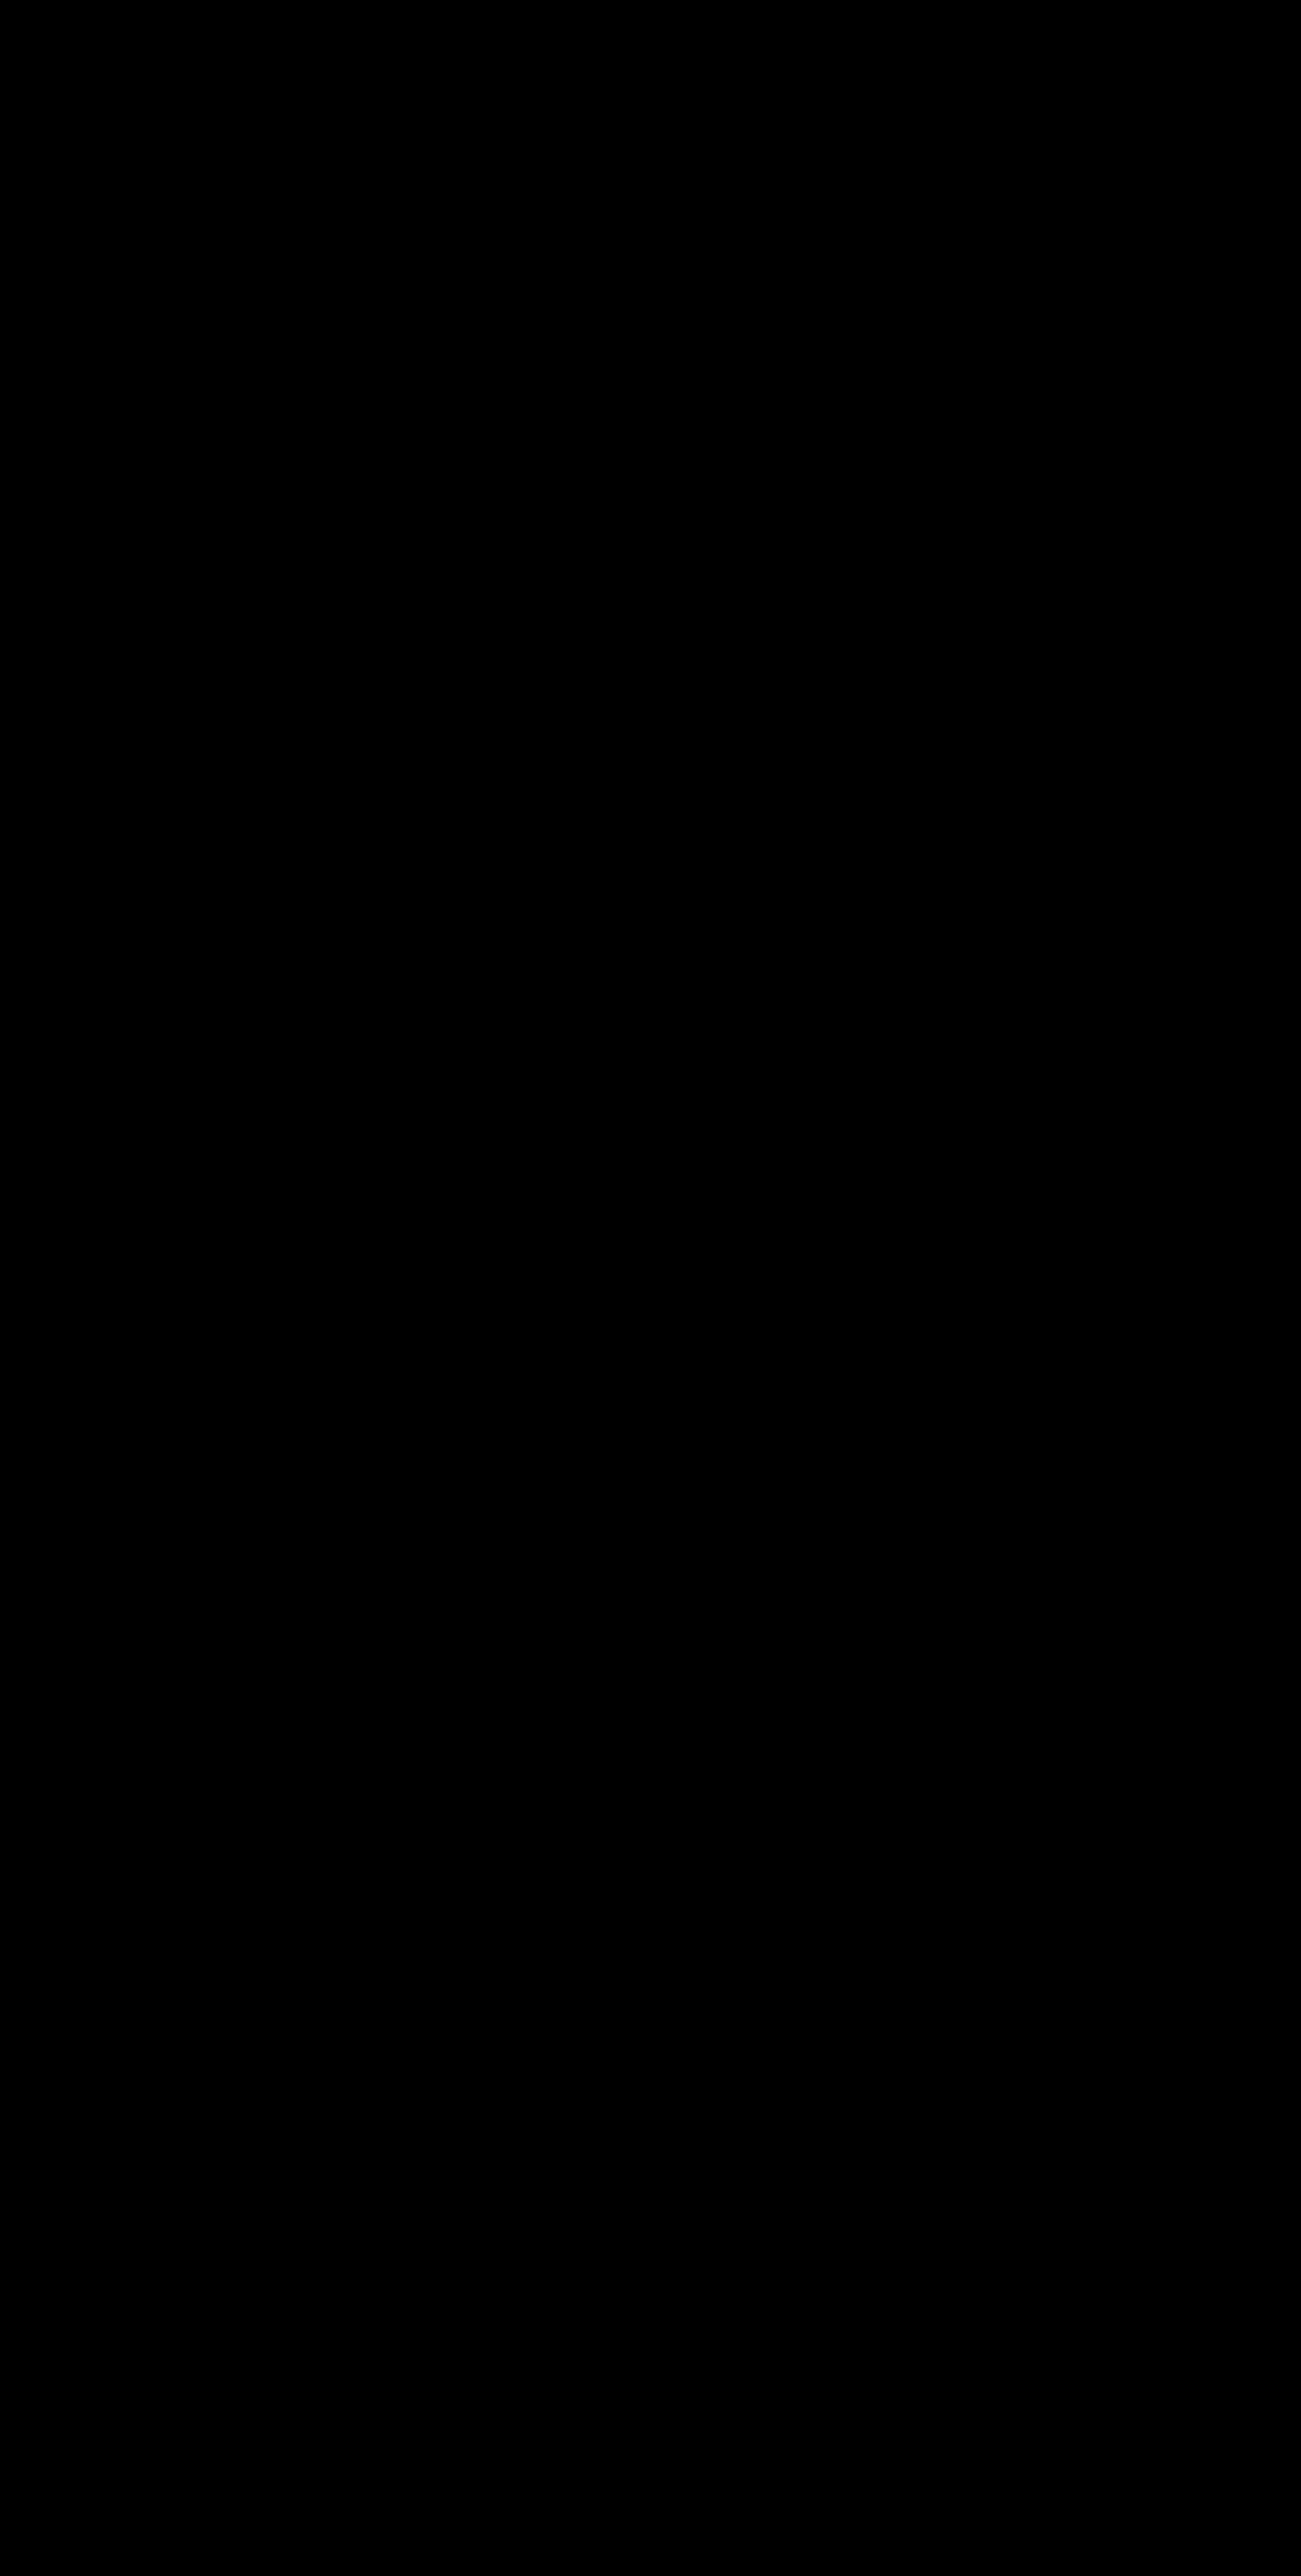 juventus logo - Juventus Logo - Escudo